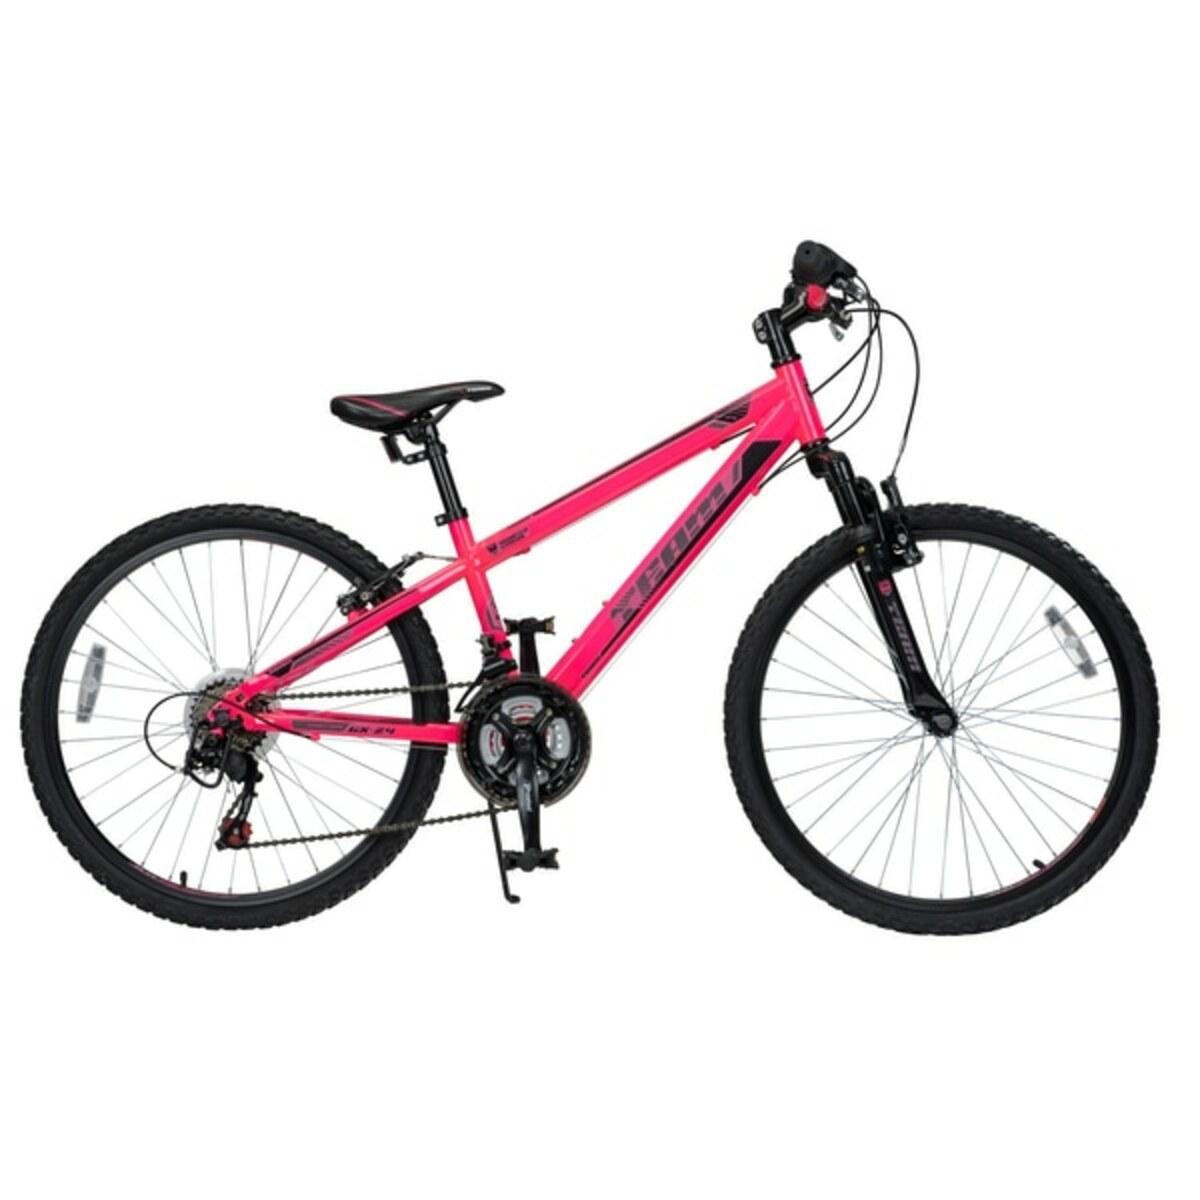 Bild 3 von 26 Zoll Mountainbike Team GX-26, pink